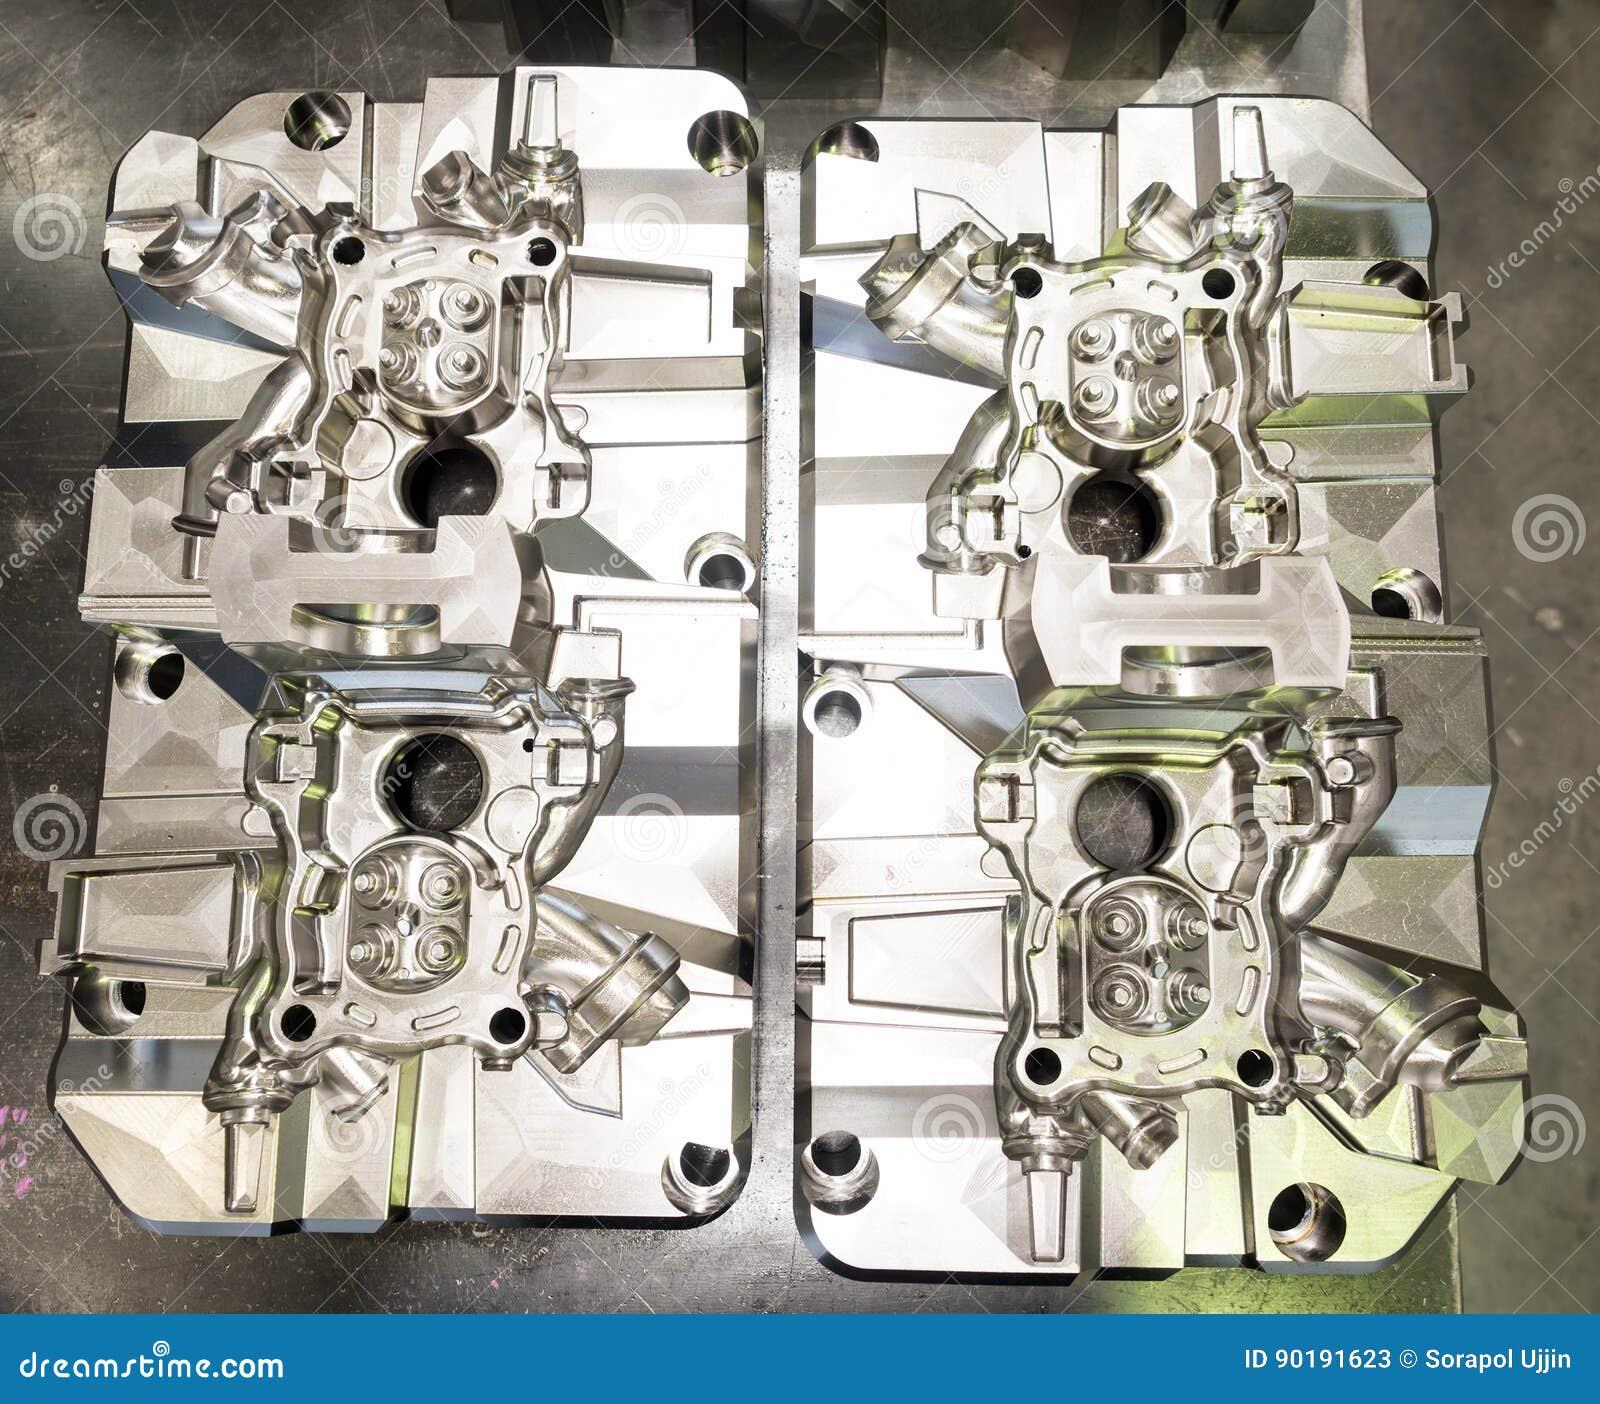 La muffa di alta precisione e muore fabbricazione per automobilistico e aereo